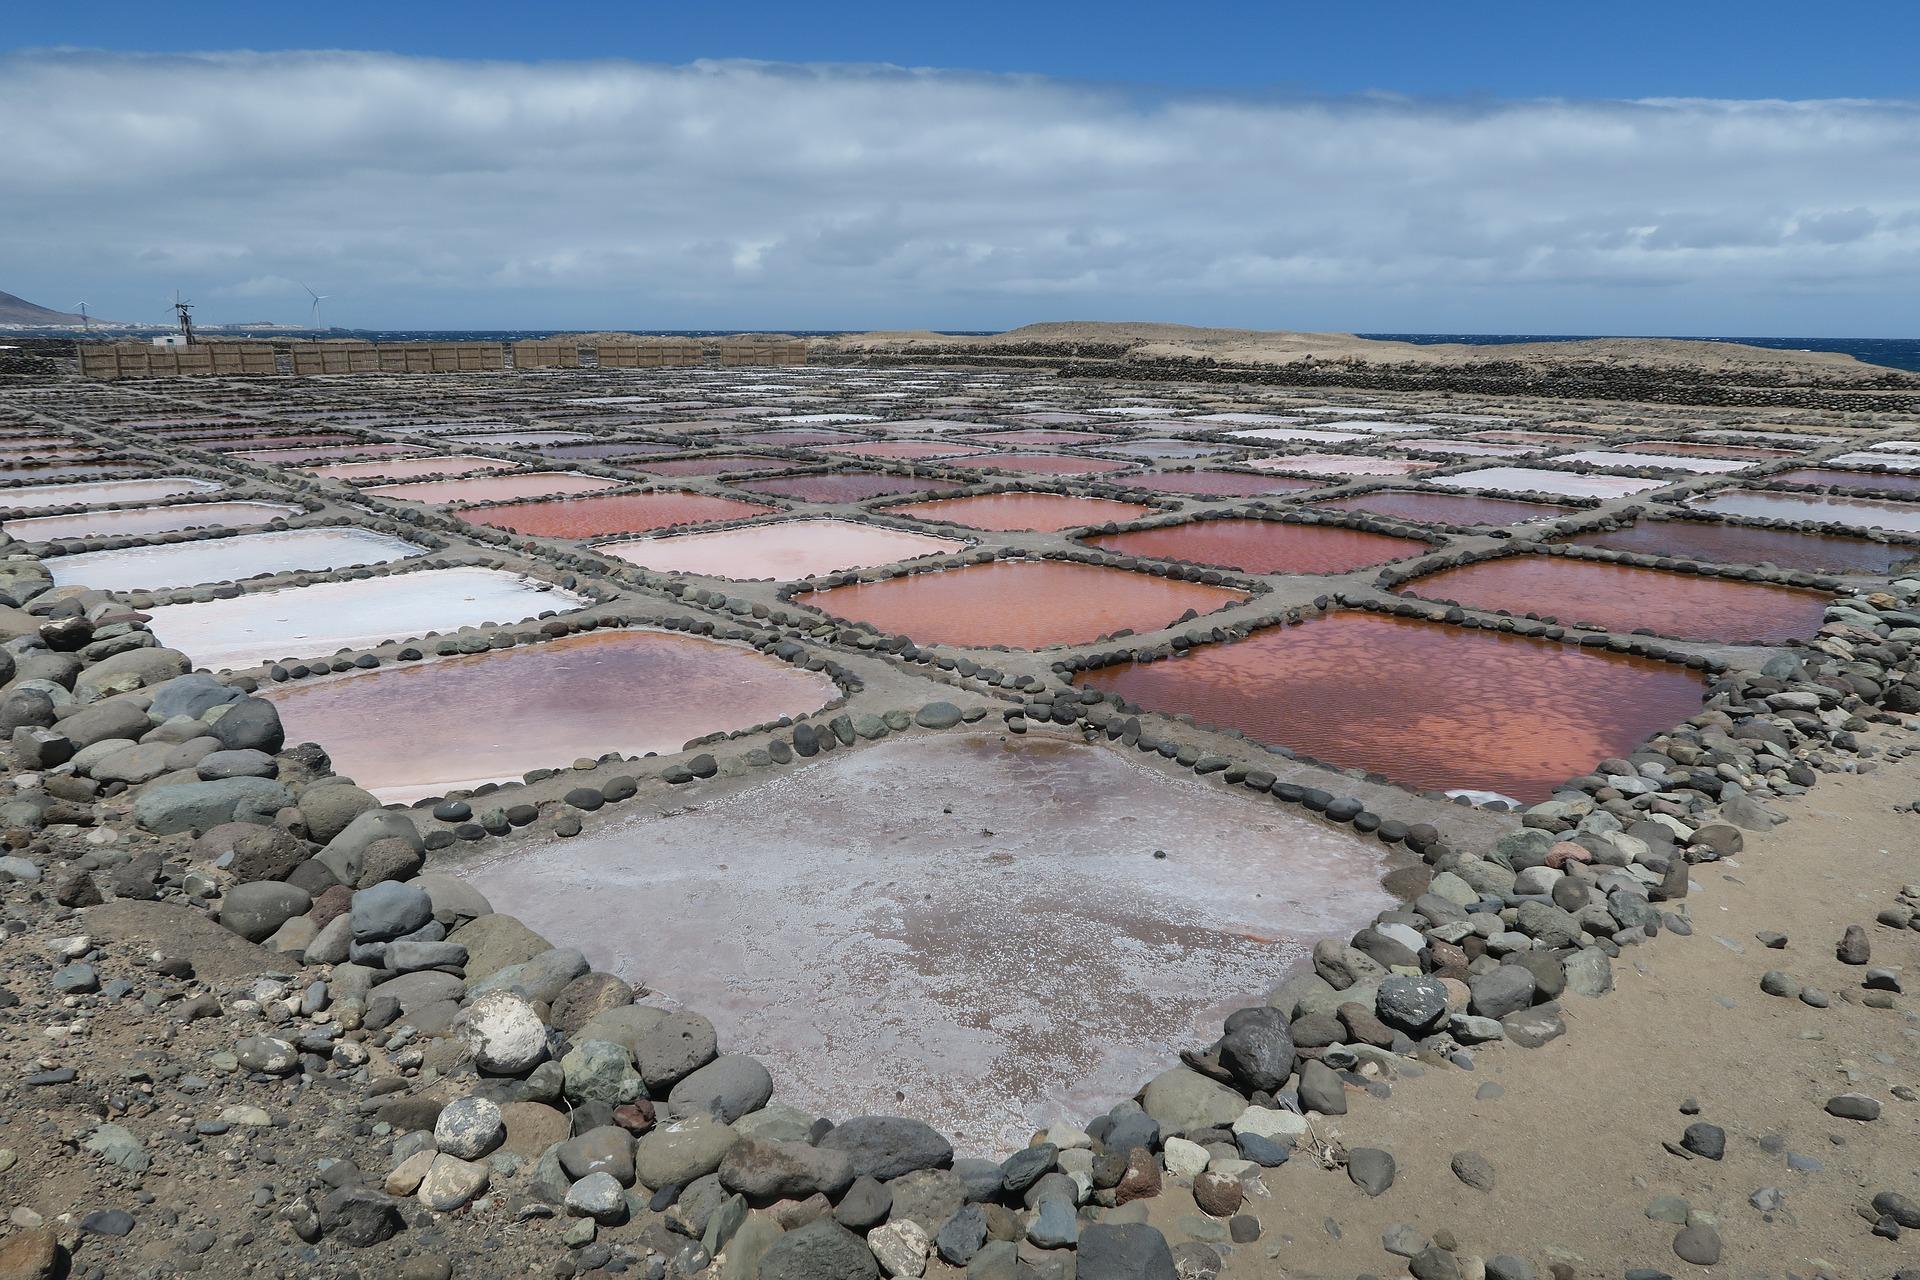 Previše soli: pogoni za desalinizaciju vode štete okolišu – UN